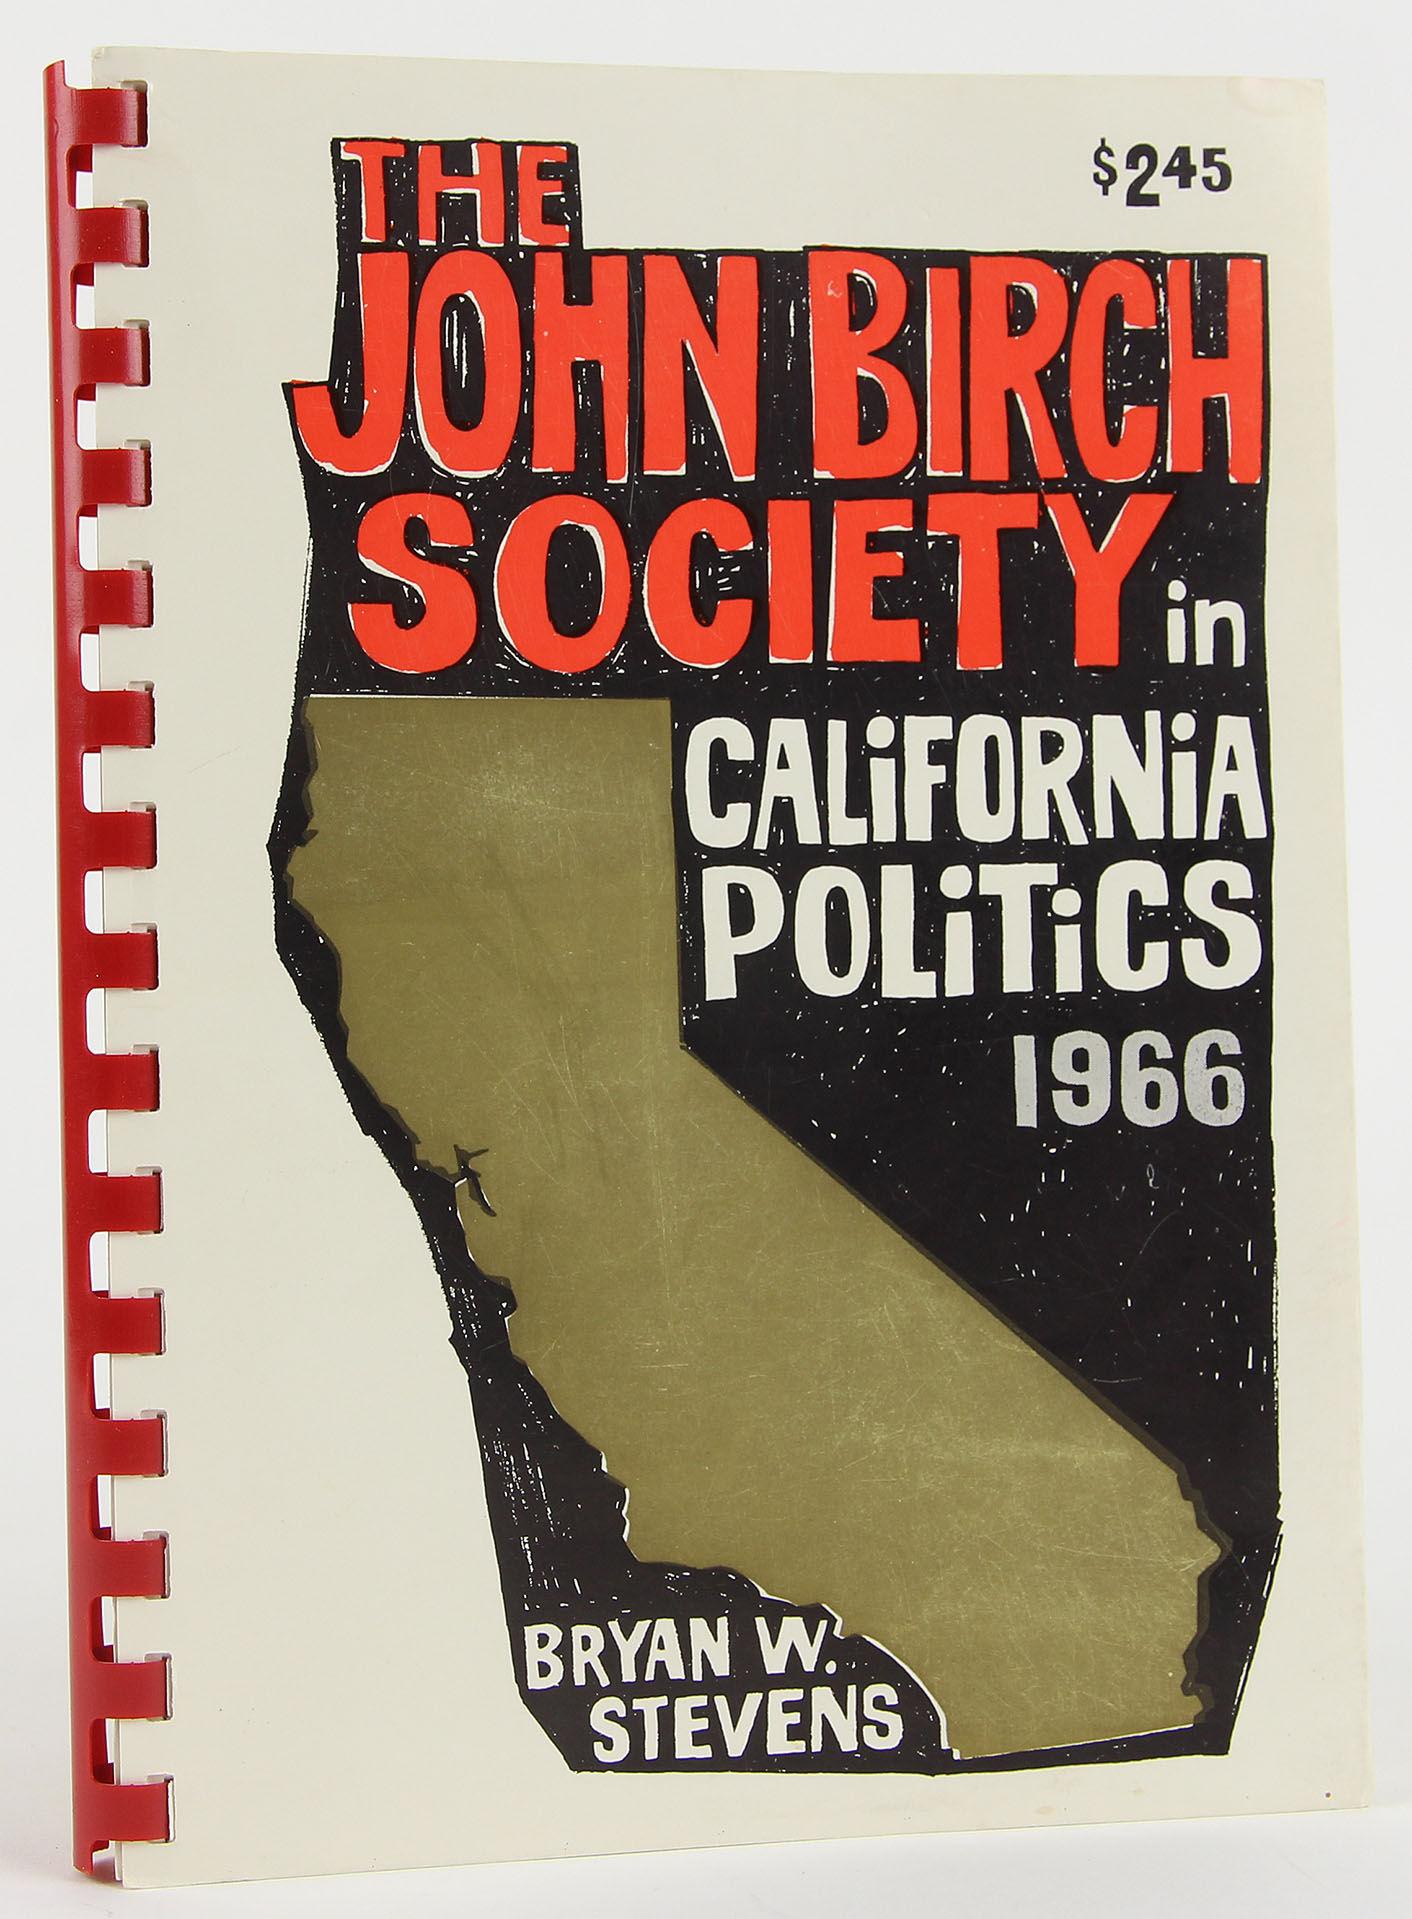 Bryan John Birch